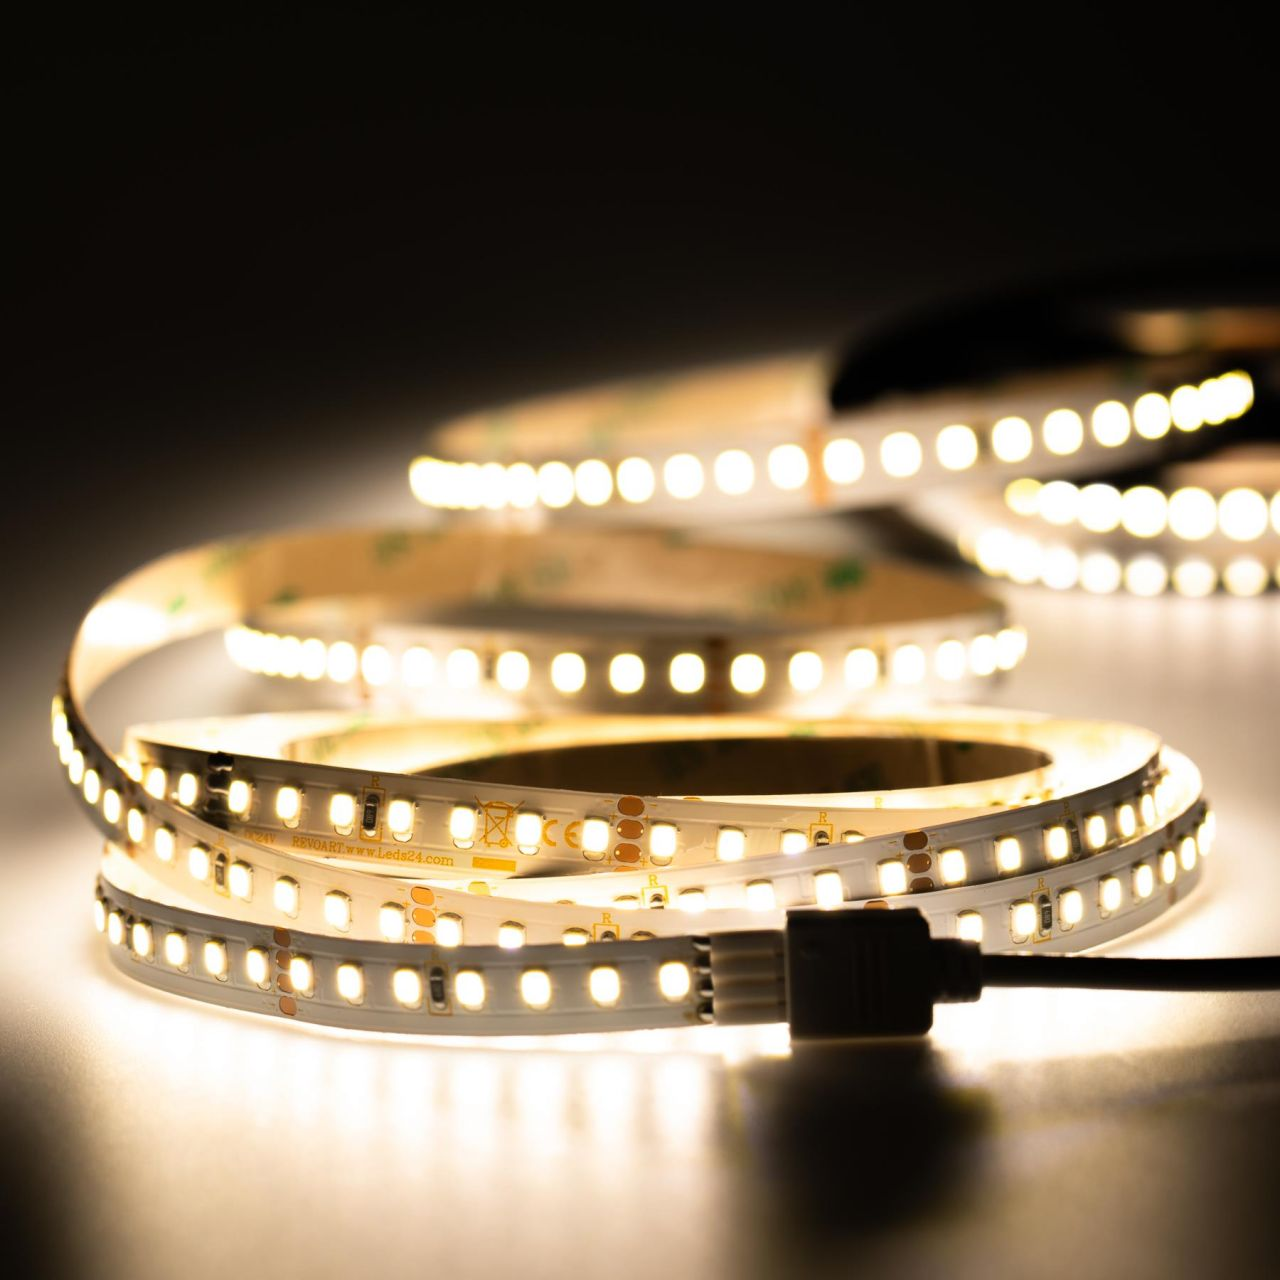 24V LED Streifen – tageslichtweiß – 140 LEDs je Meter – alle 5cm teilbar